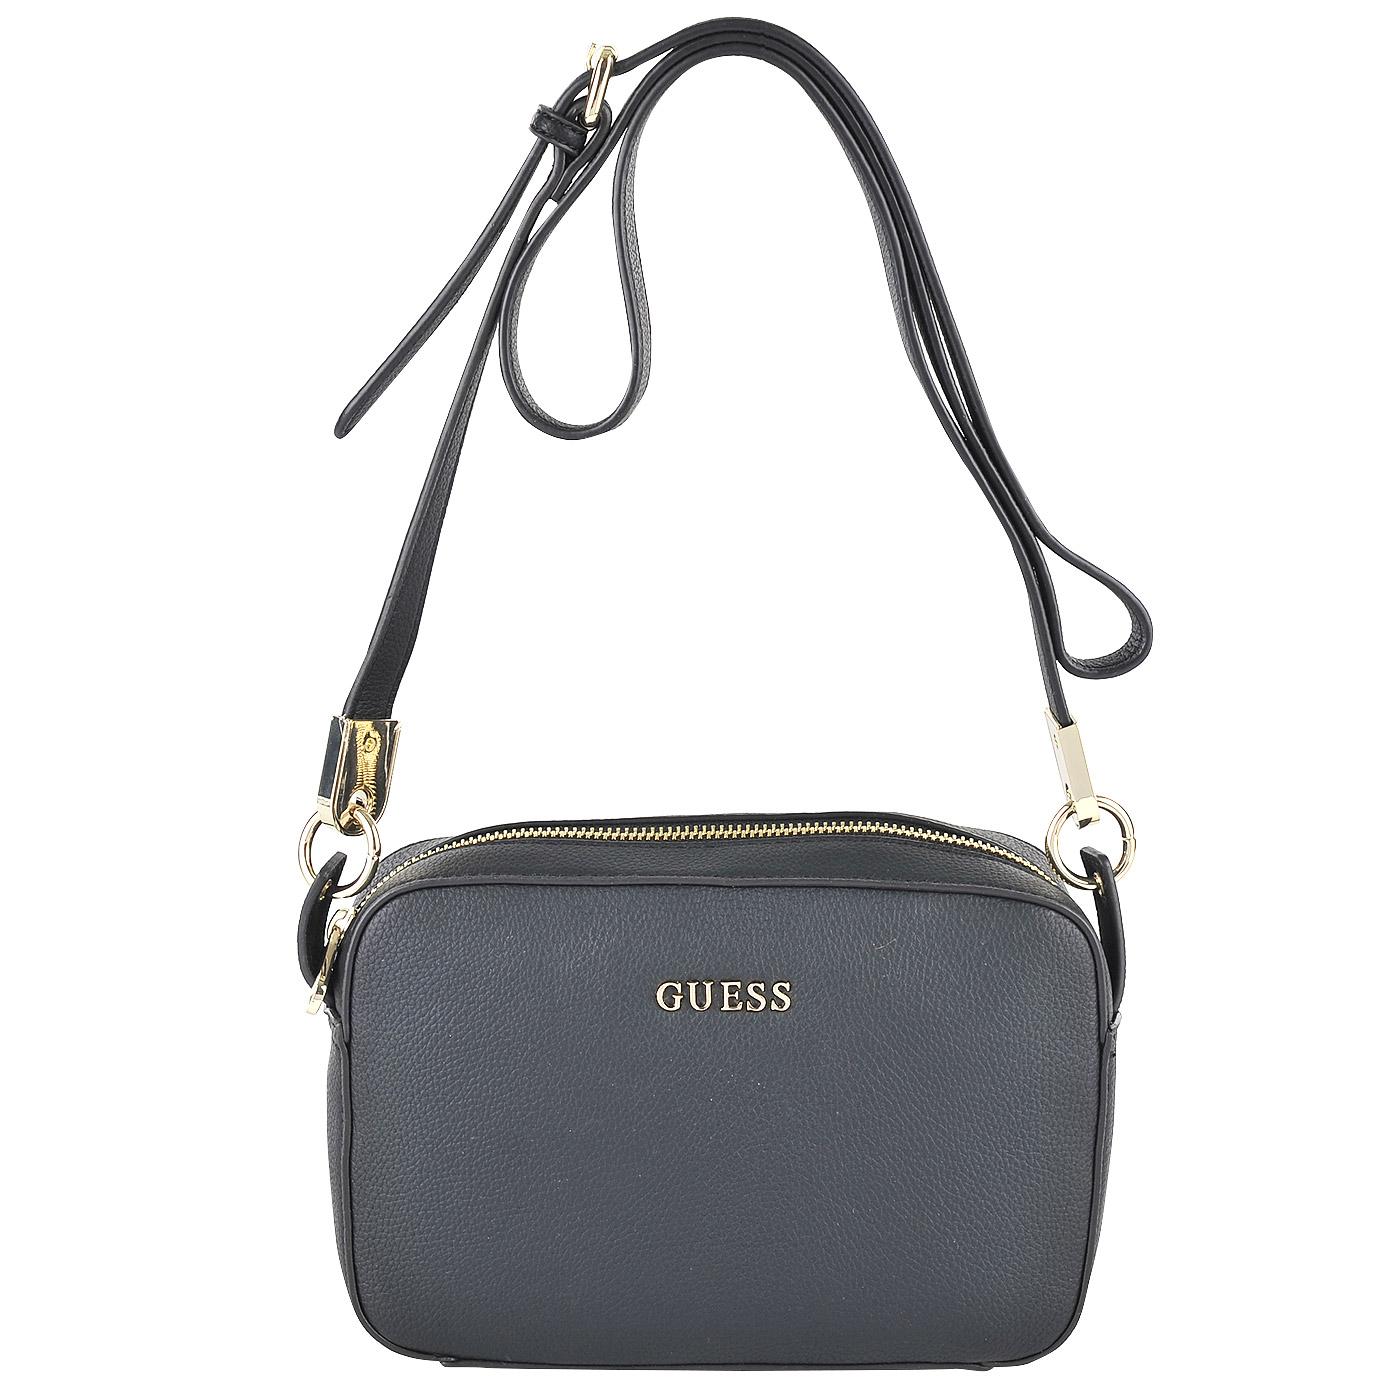 066cfed0 Женская сумка через плечо Guess Desiree Женская сумка через плечо Guess  Desiree ...